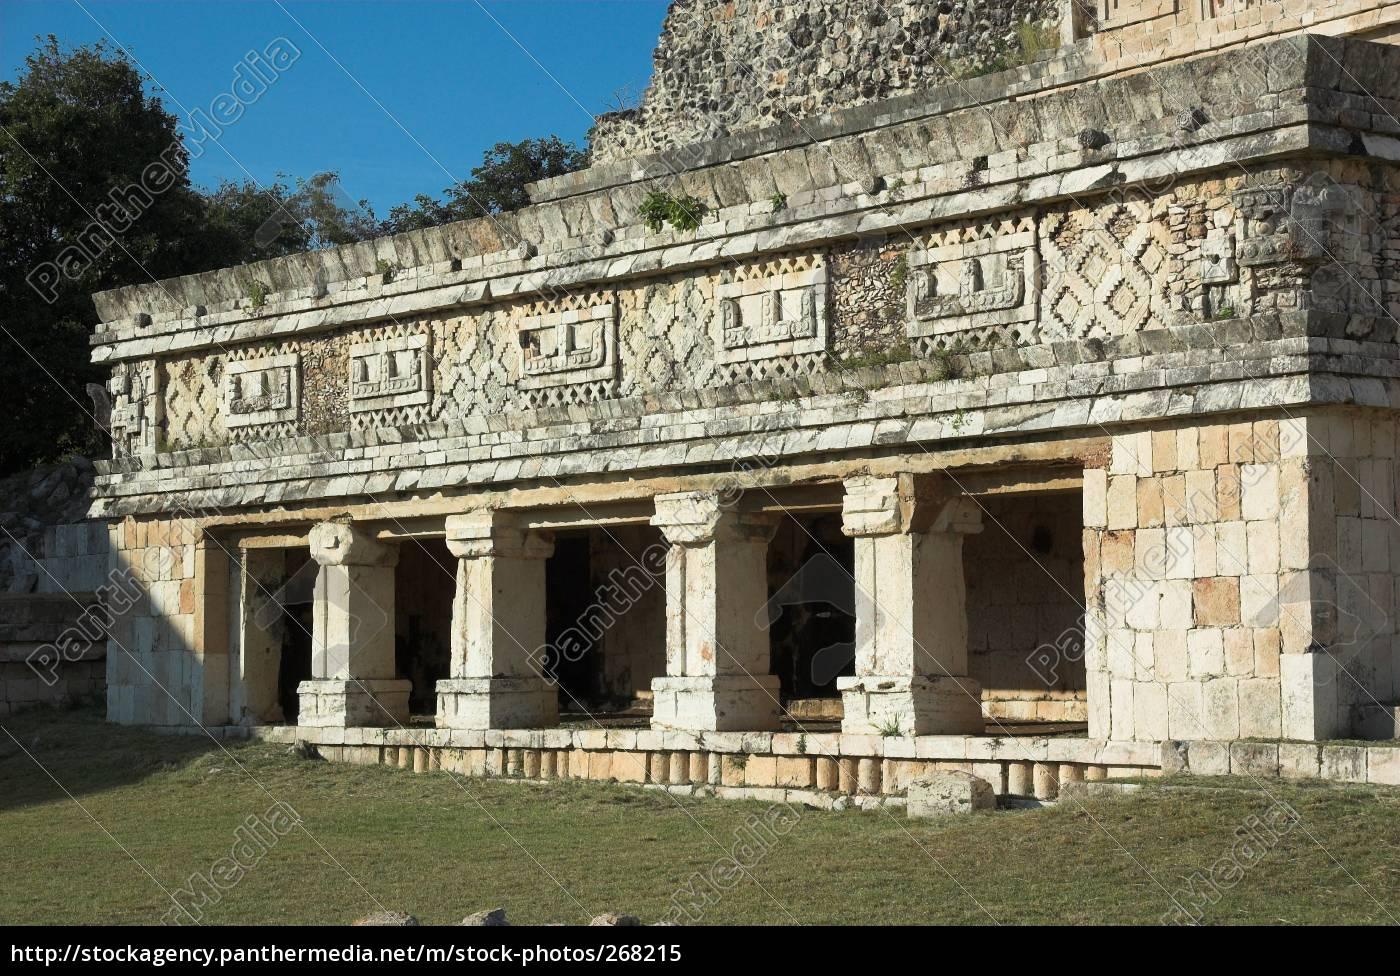 columnas1 - 268215